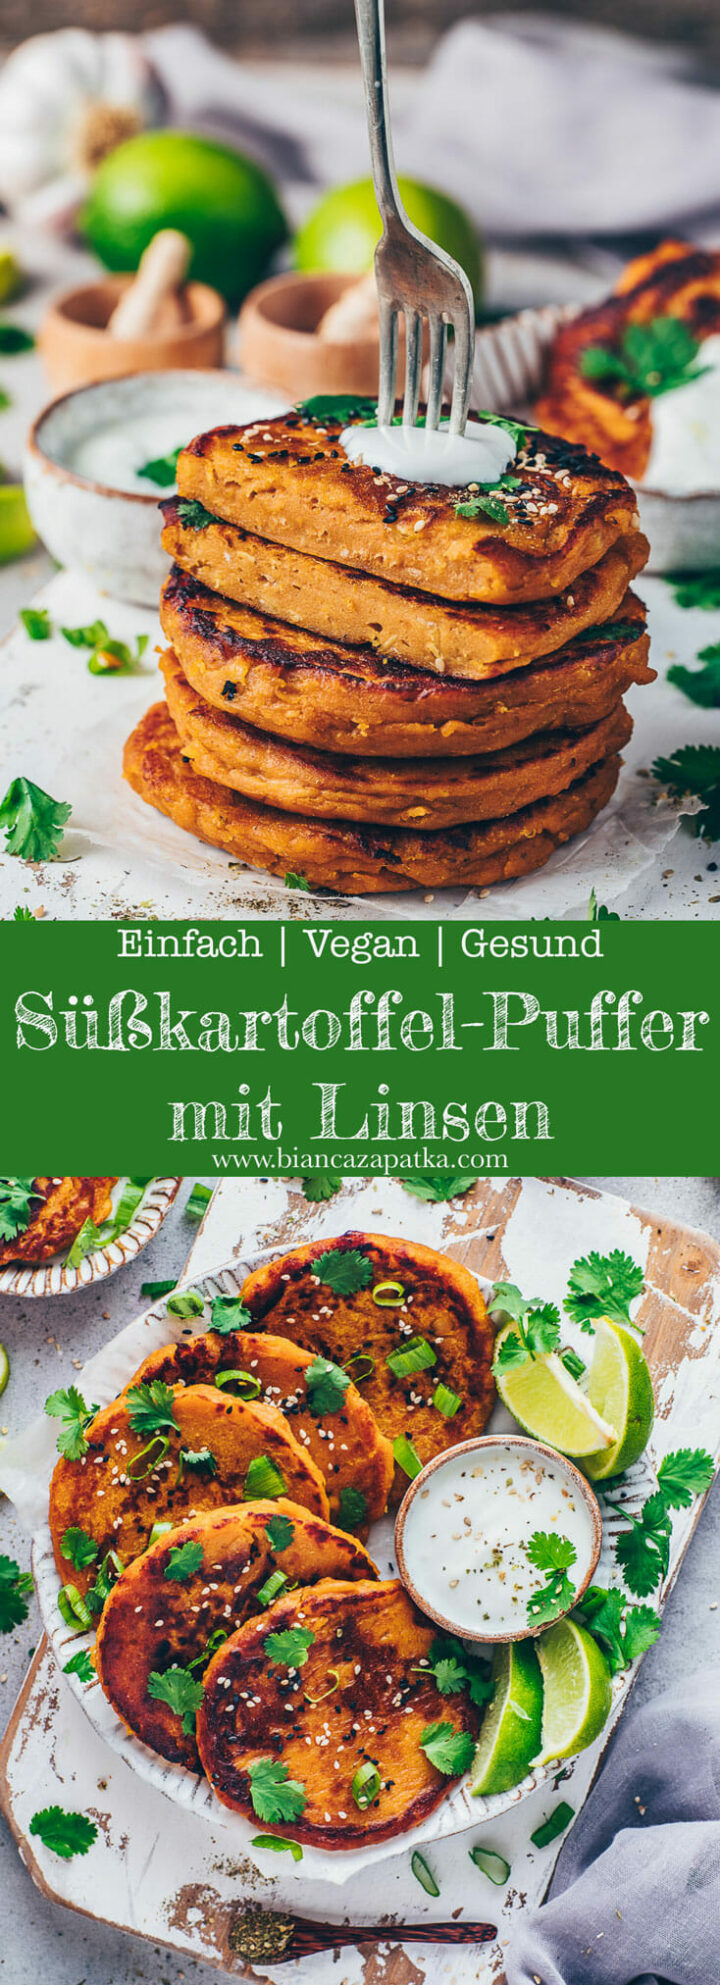 Süßkartoffel Puffer Linsen Bratlinge Fritter herzhafte Pancakes Reibekuchen mit Dip